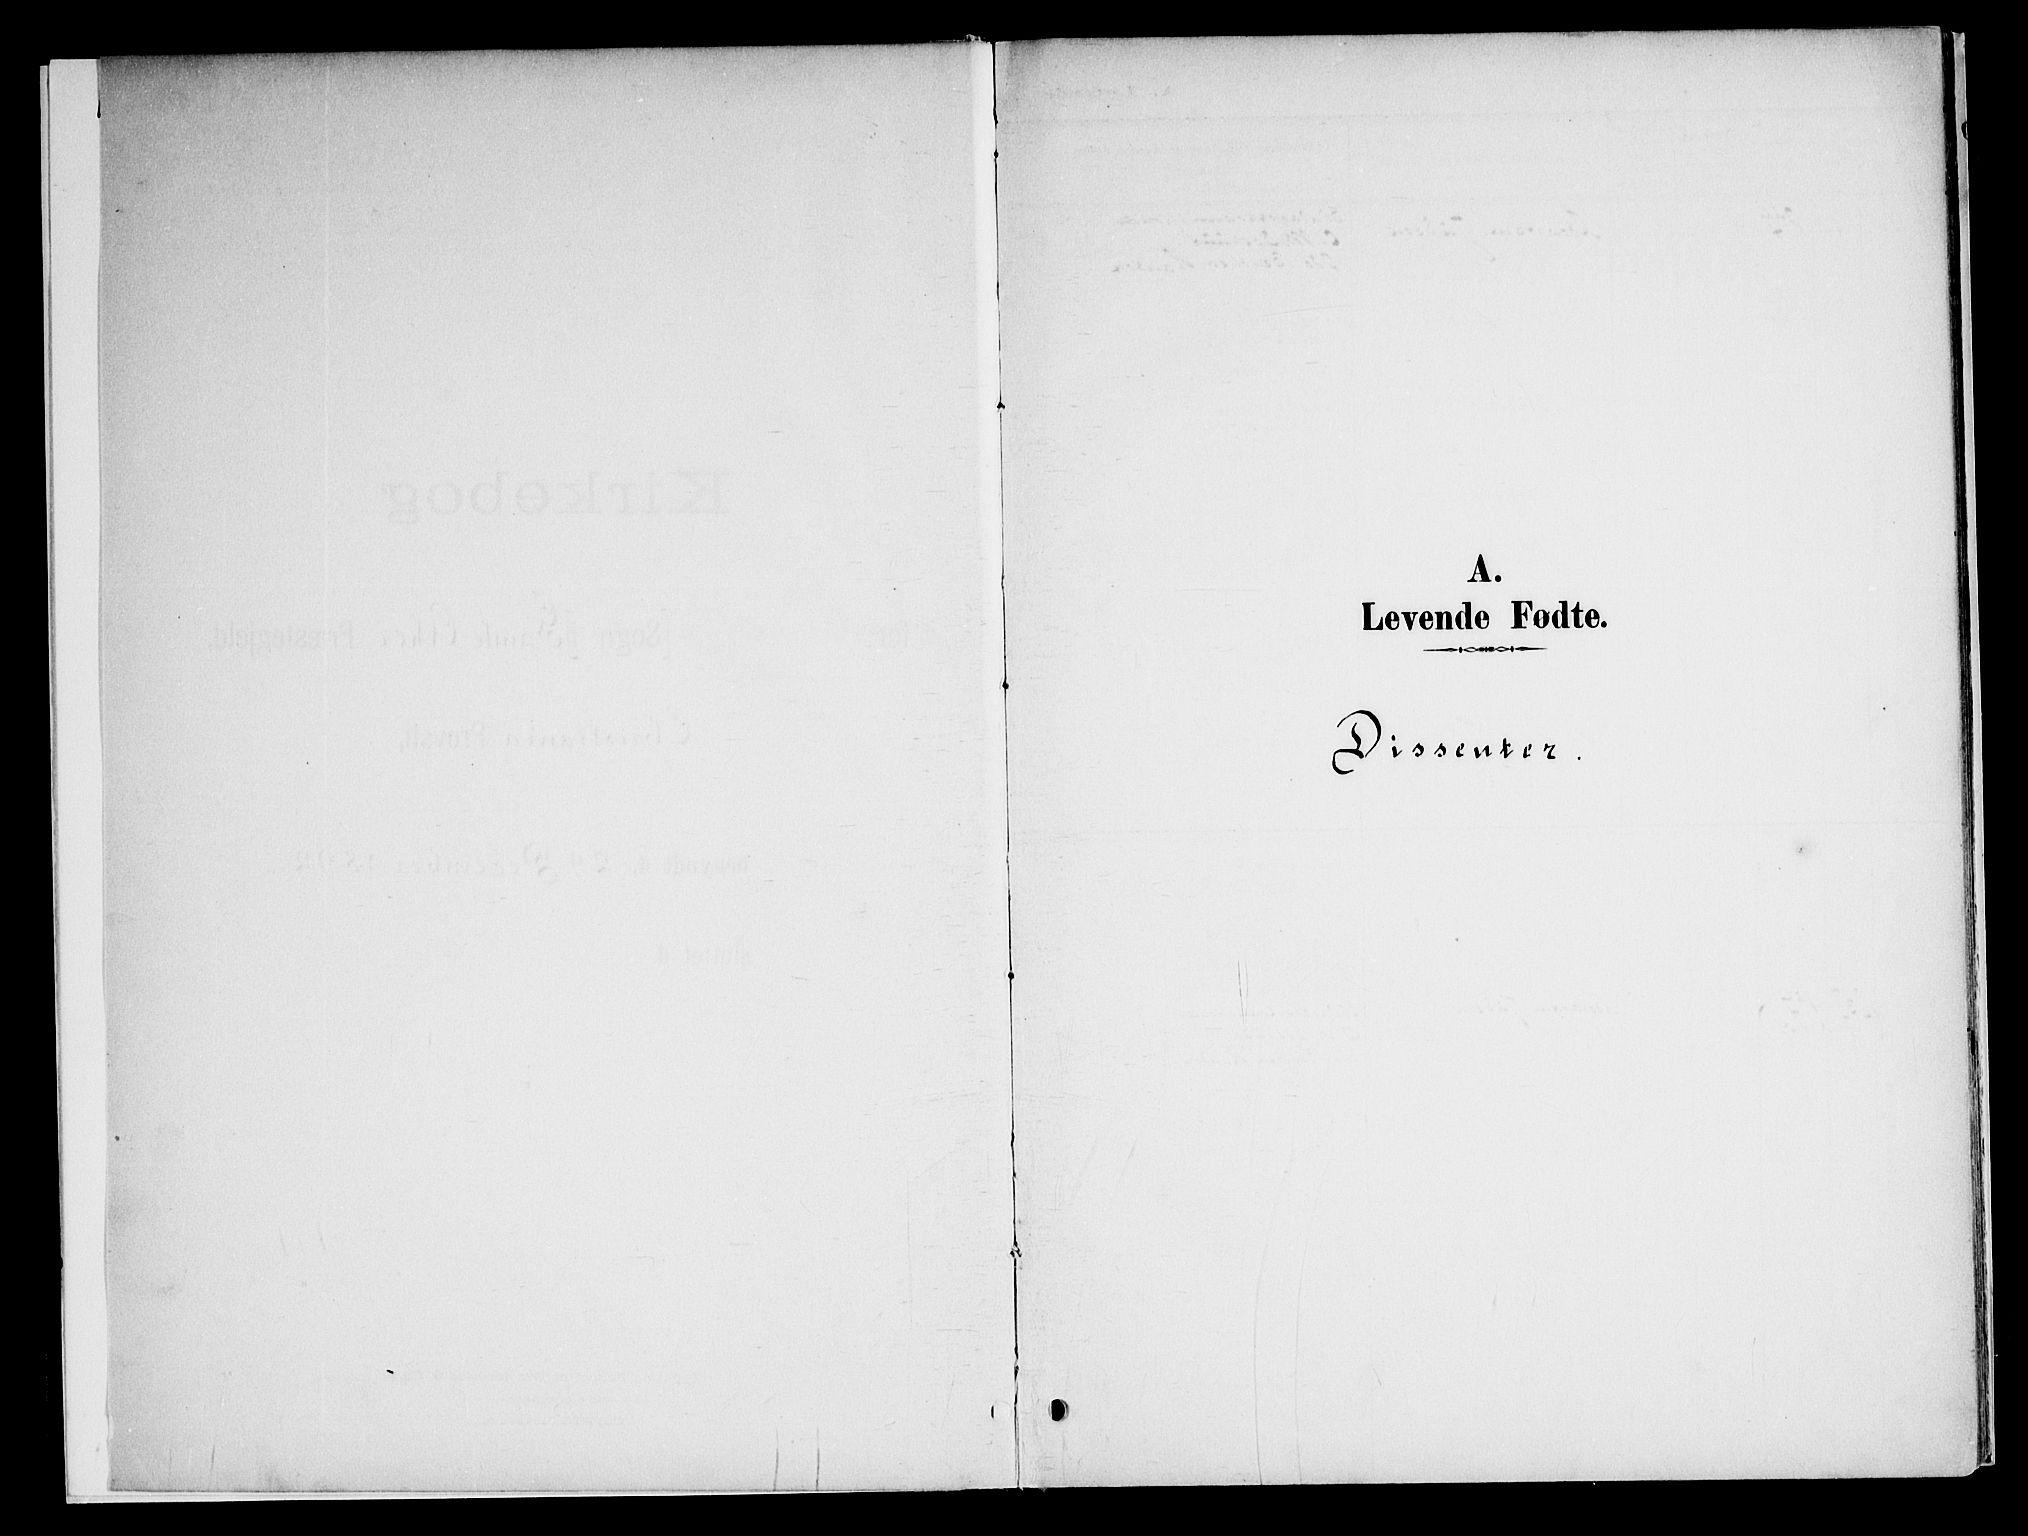 SAO, Gamle Aker prestekontor Kirkebøker, F/L0010: Ministerialbok nr. 10, 1892-1960